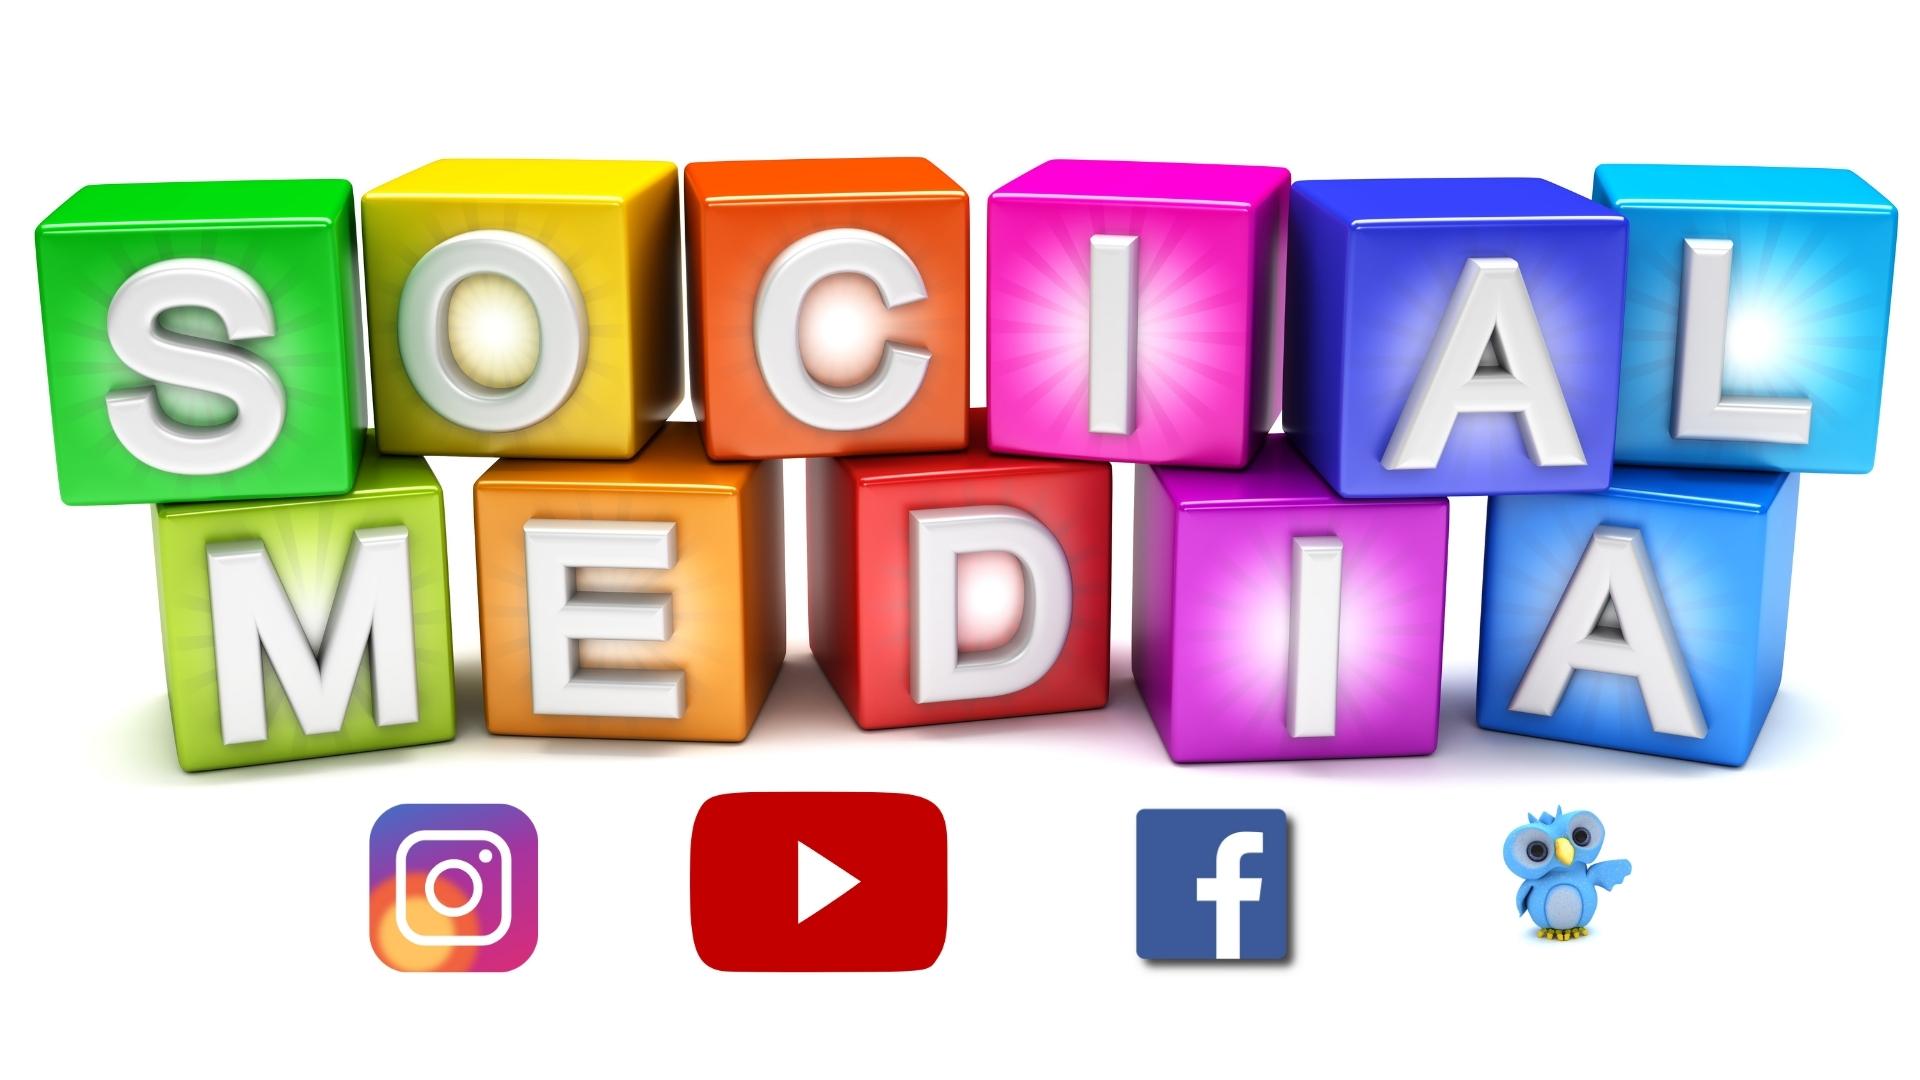 De Strijders op social media